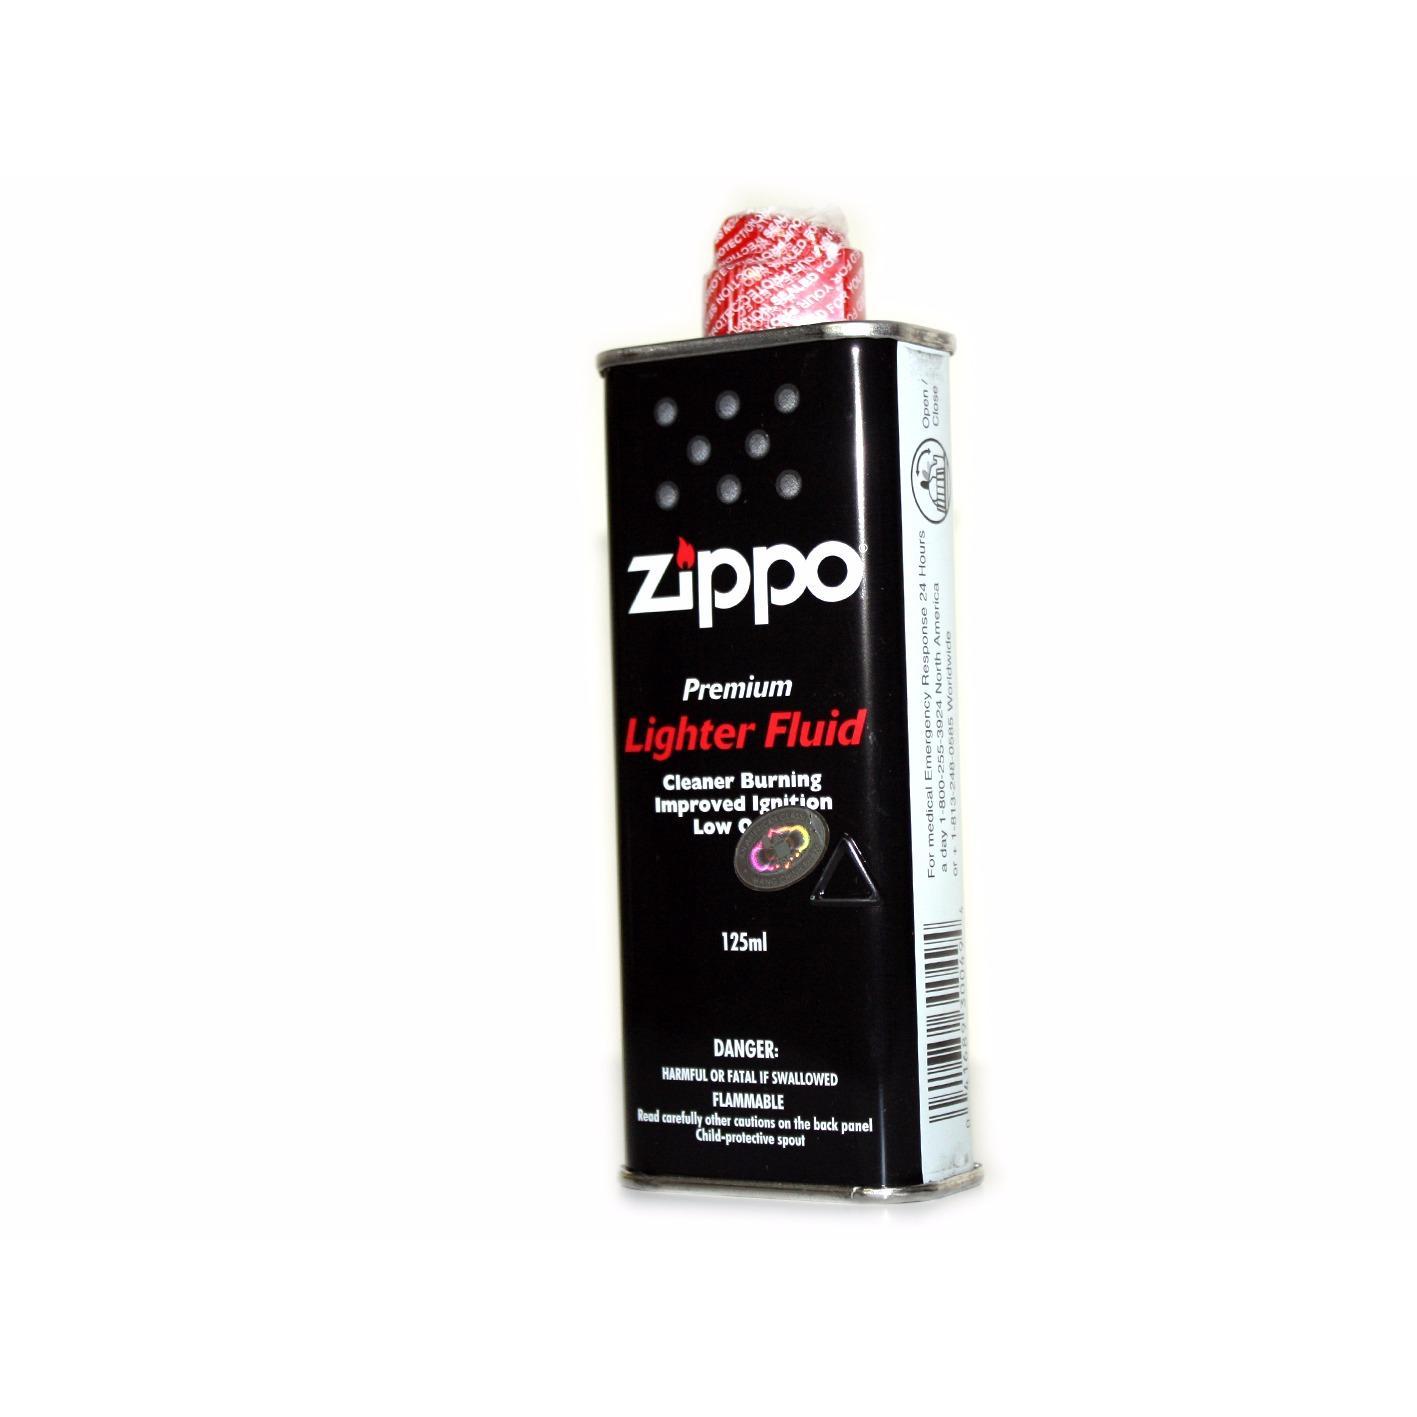 Bình xăng hộp quẹt Zippo